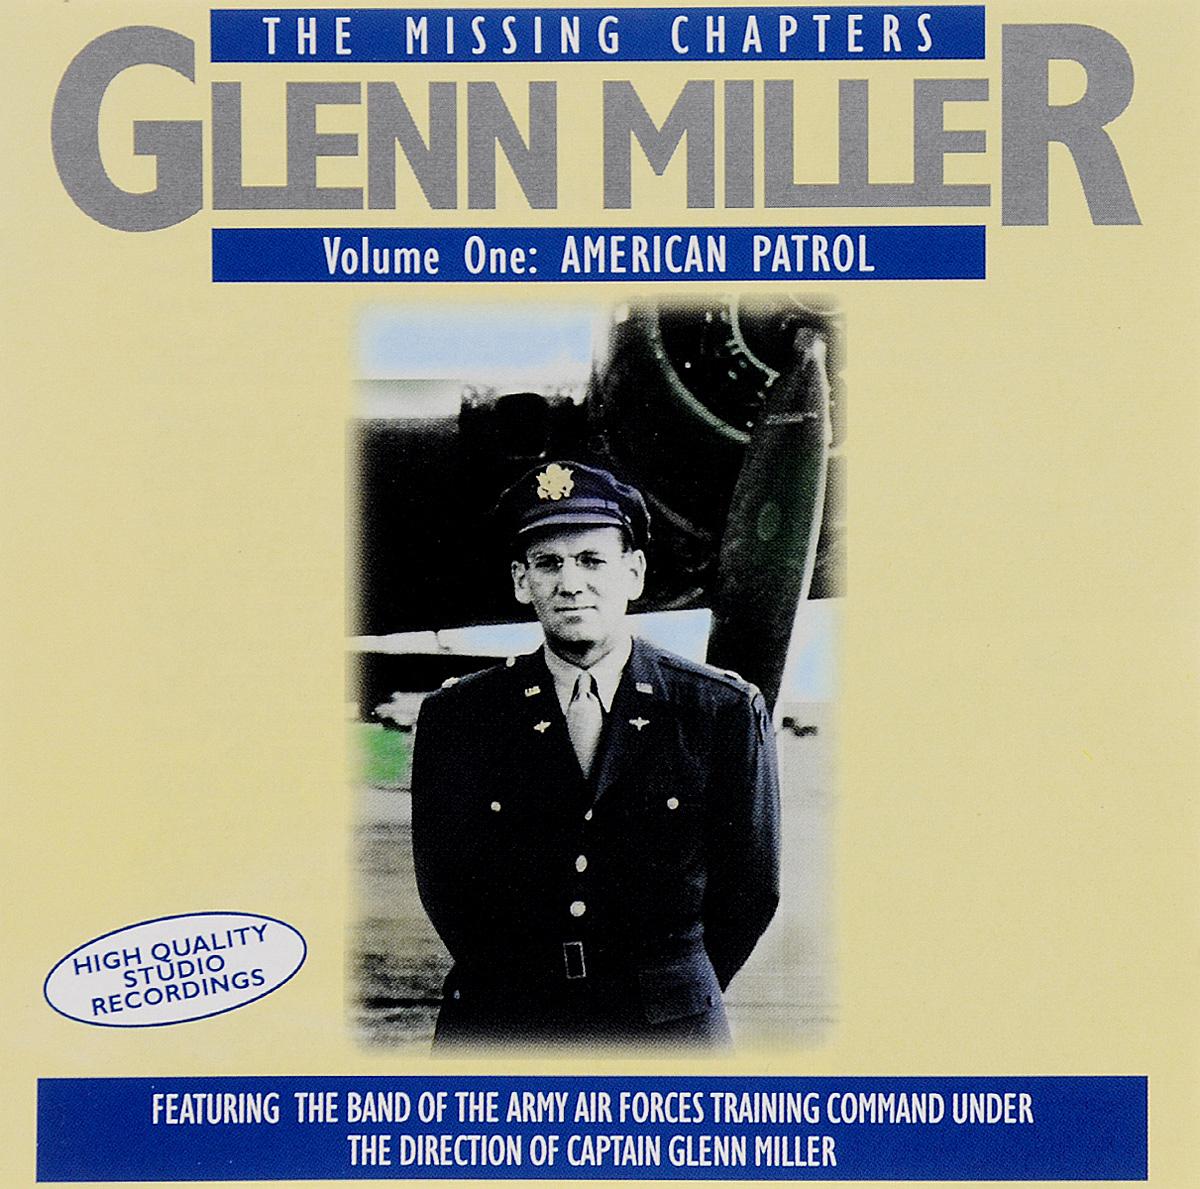 К изданию прилагается 8-страничный буклет со списком треков и дополнительной информацией на английском языке.